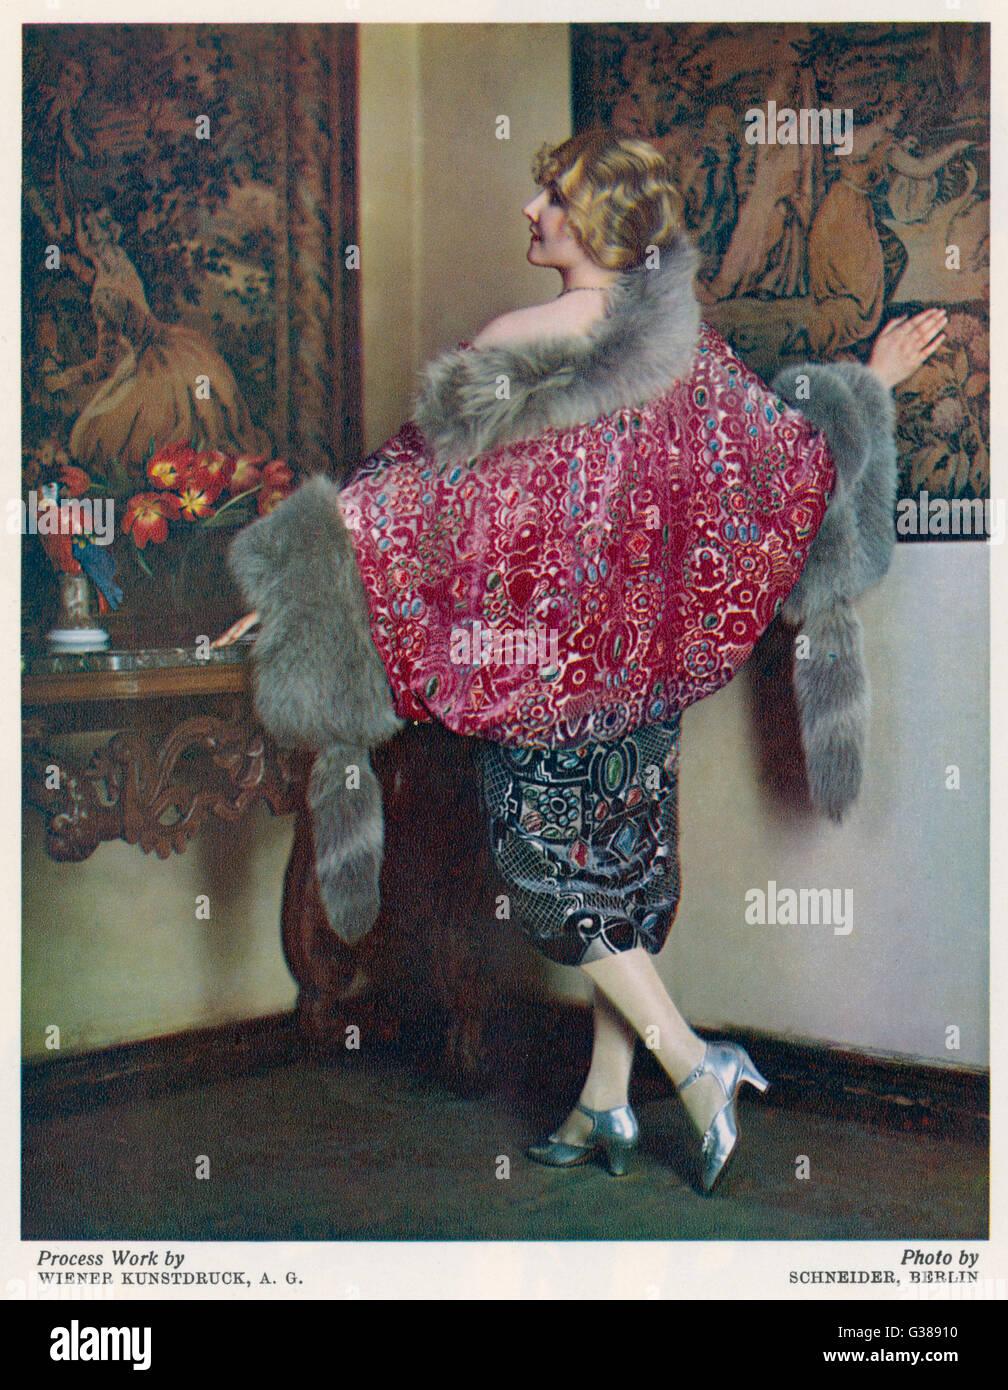 Blonde modello in una pelliccia rifilati wrap   camicia in un modo  altamente ornati in tessuto 7d674779fe0